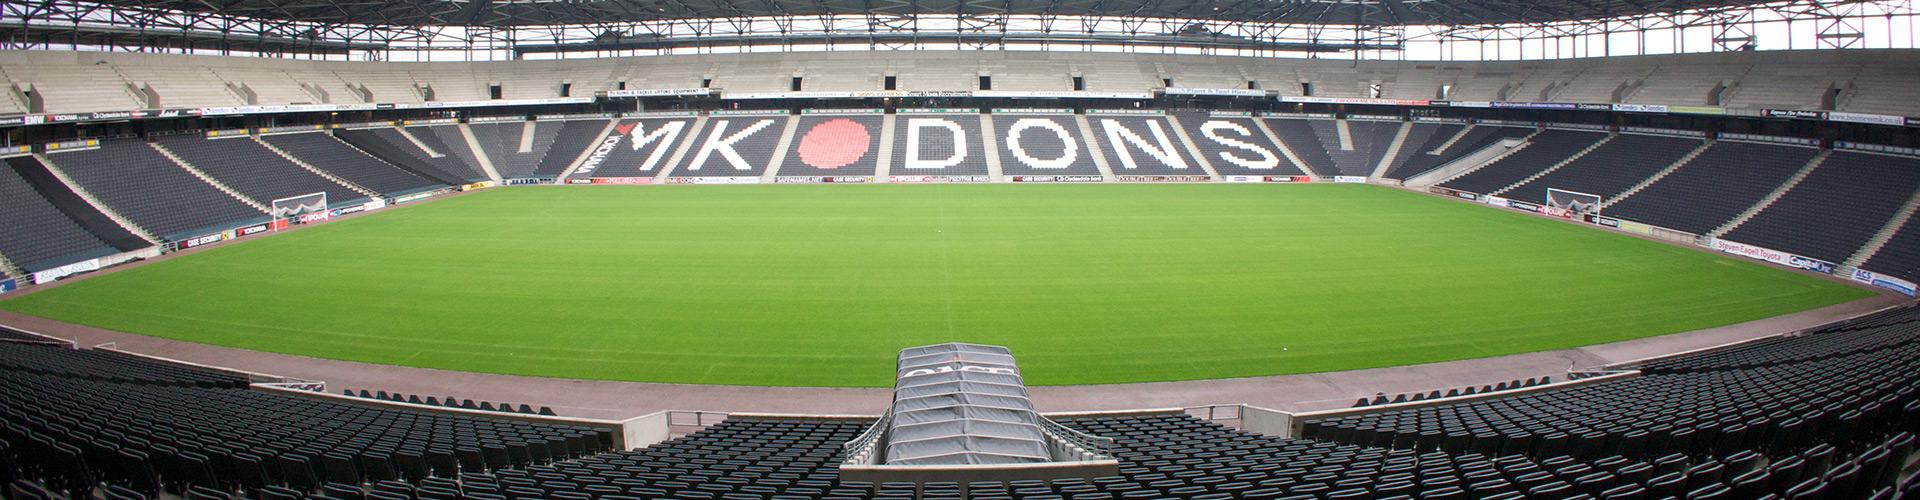 MK Dons Home Slider